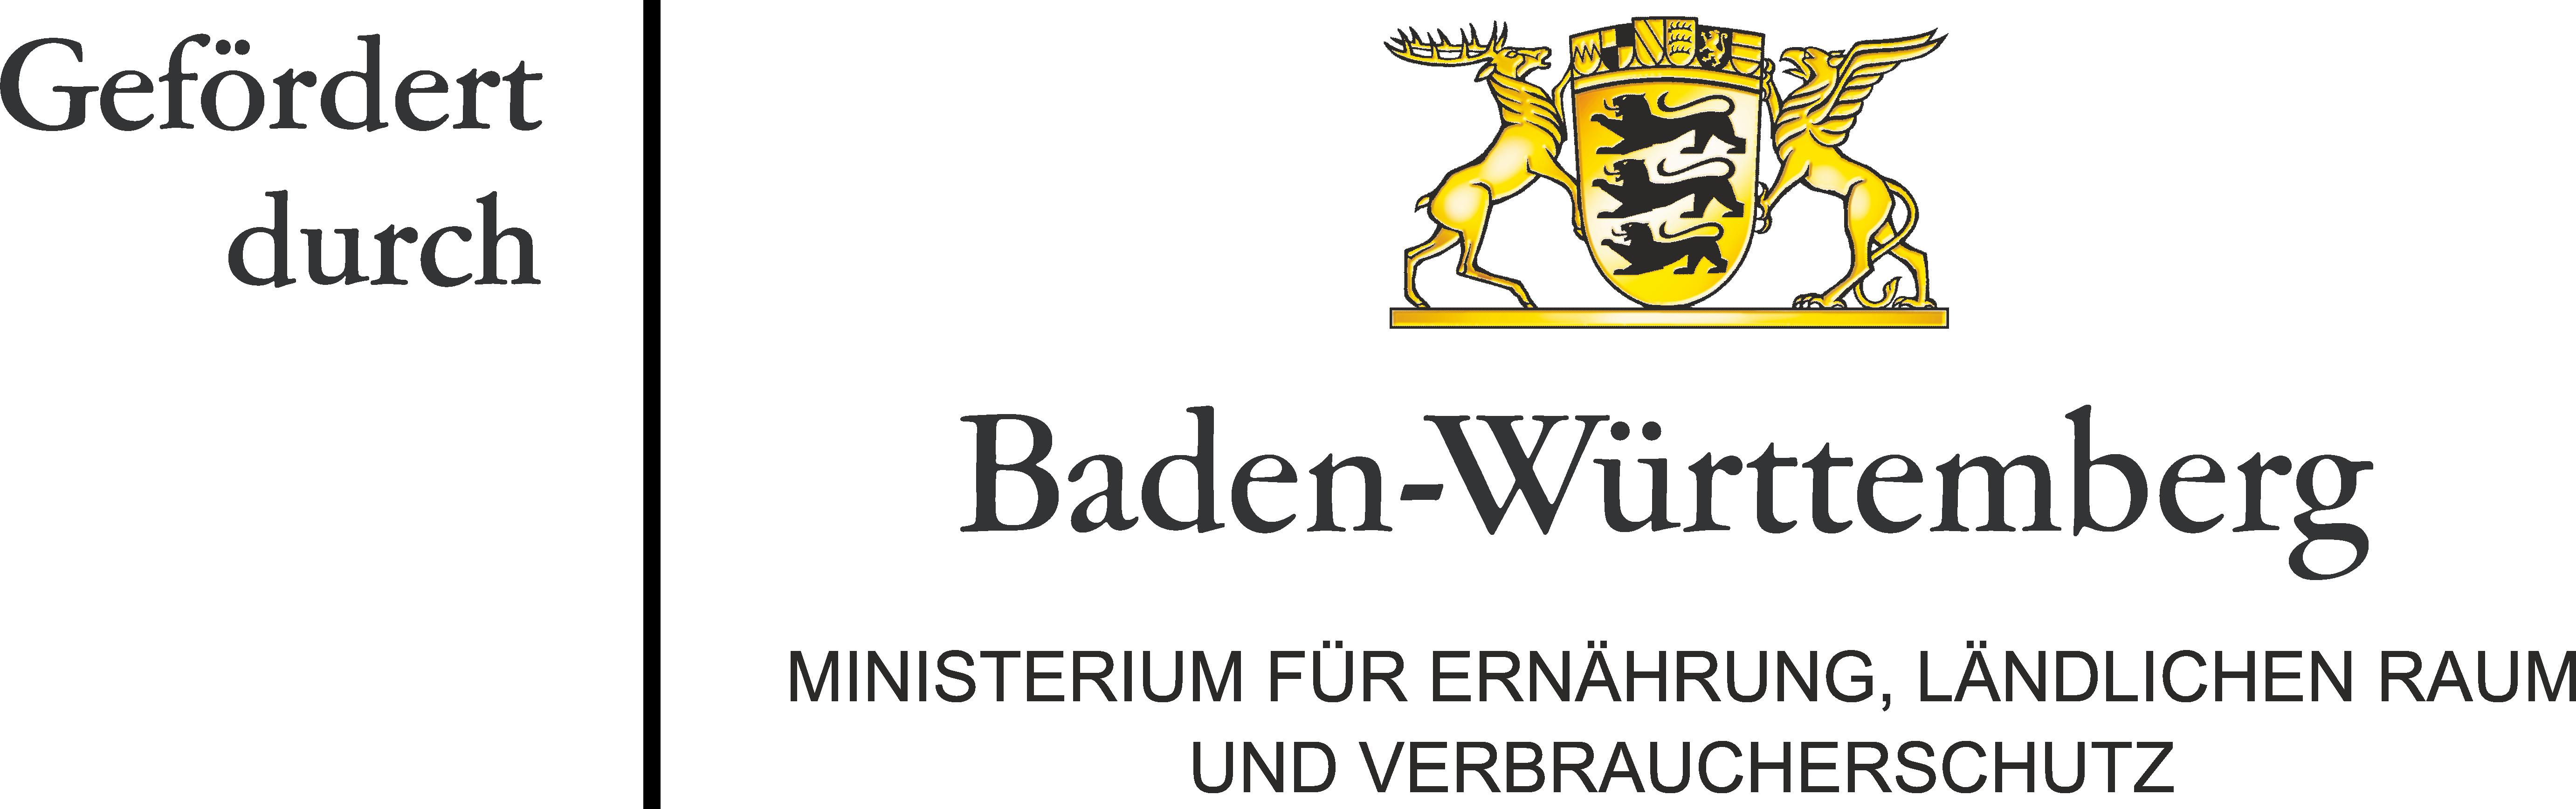 Hier ist das Logo des Ministeriums für Ernährung, ländlichen Raum und Verbraucherschutz Baden-Württemberg dargestellt